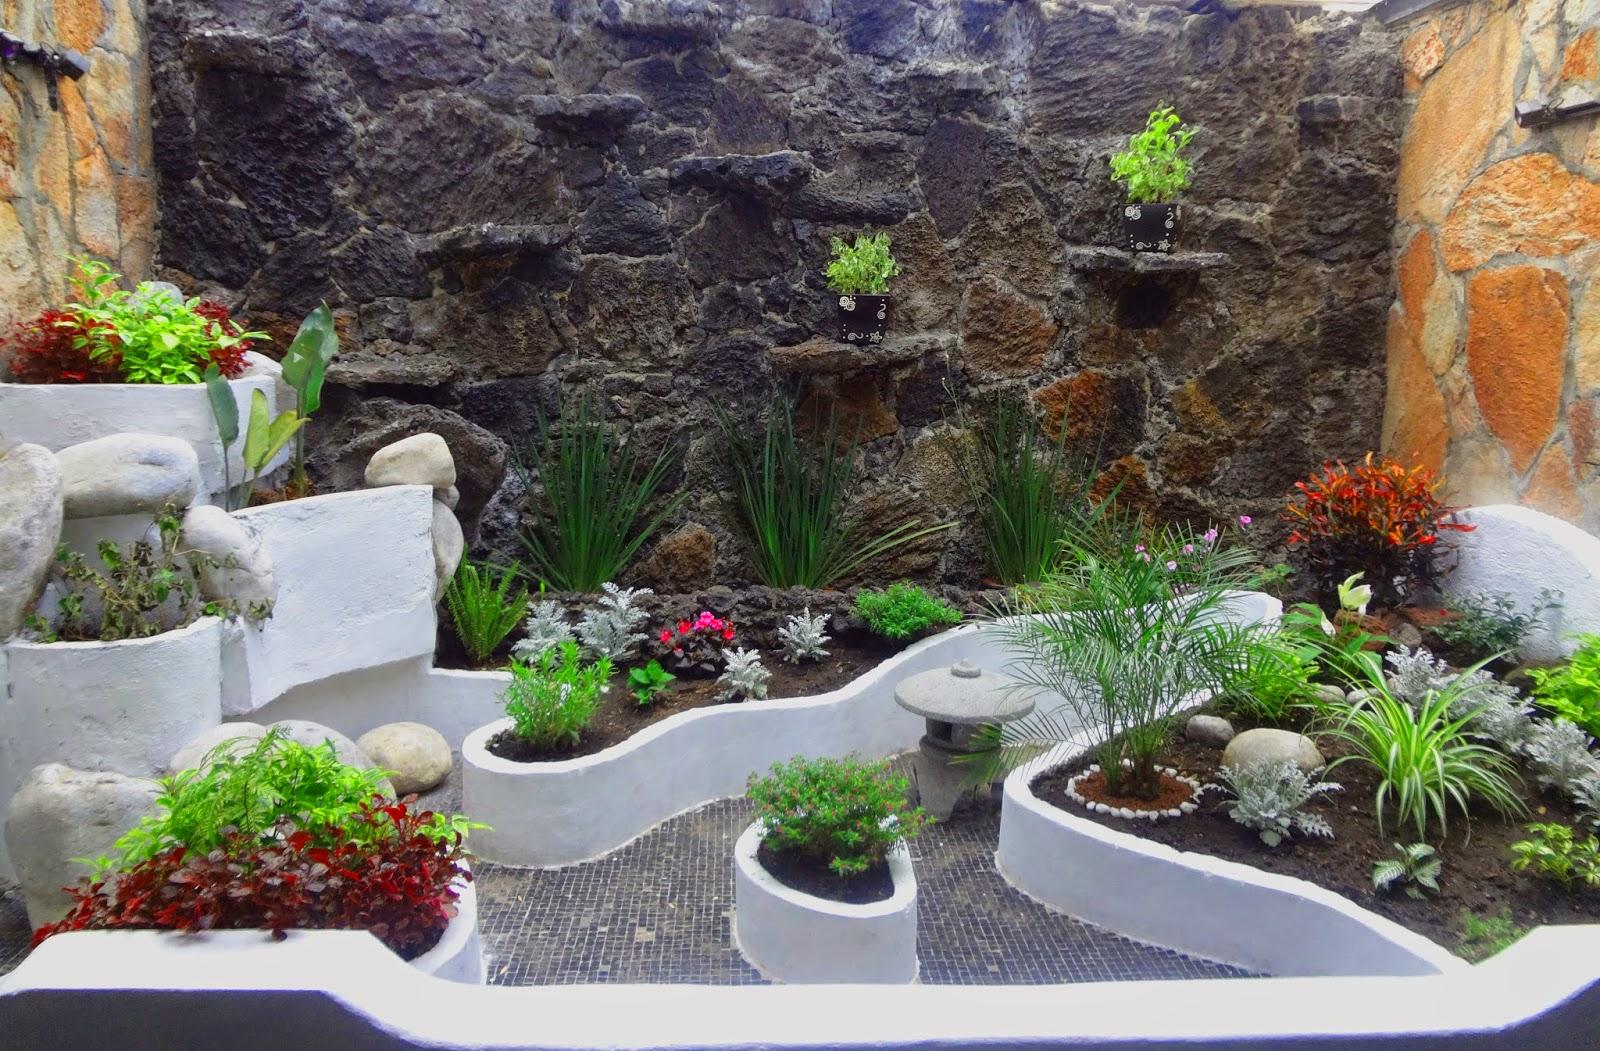 Mantenimiento de jardines el eden ultimo trabajo de for Trabajo de mantenimiento de jardines